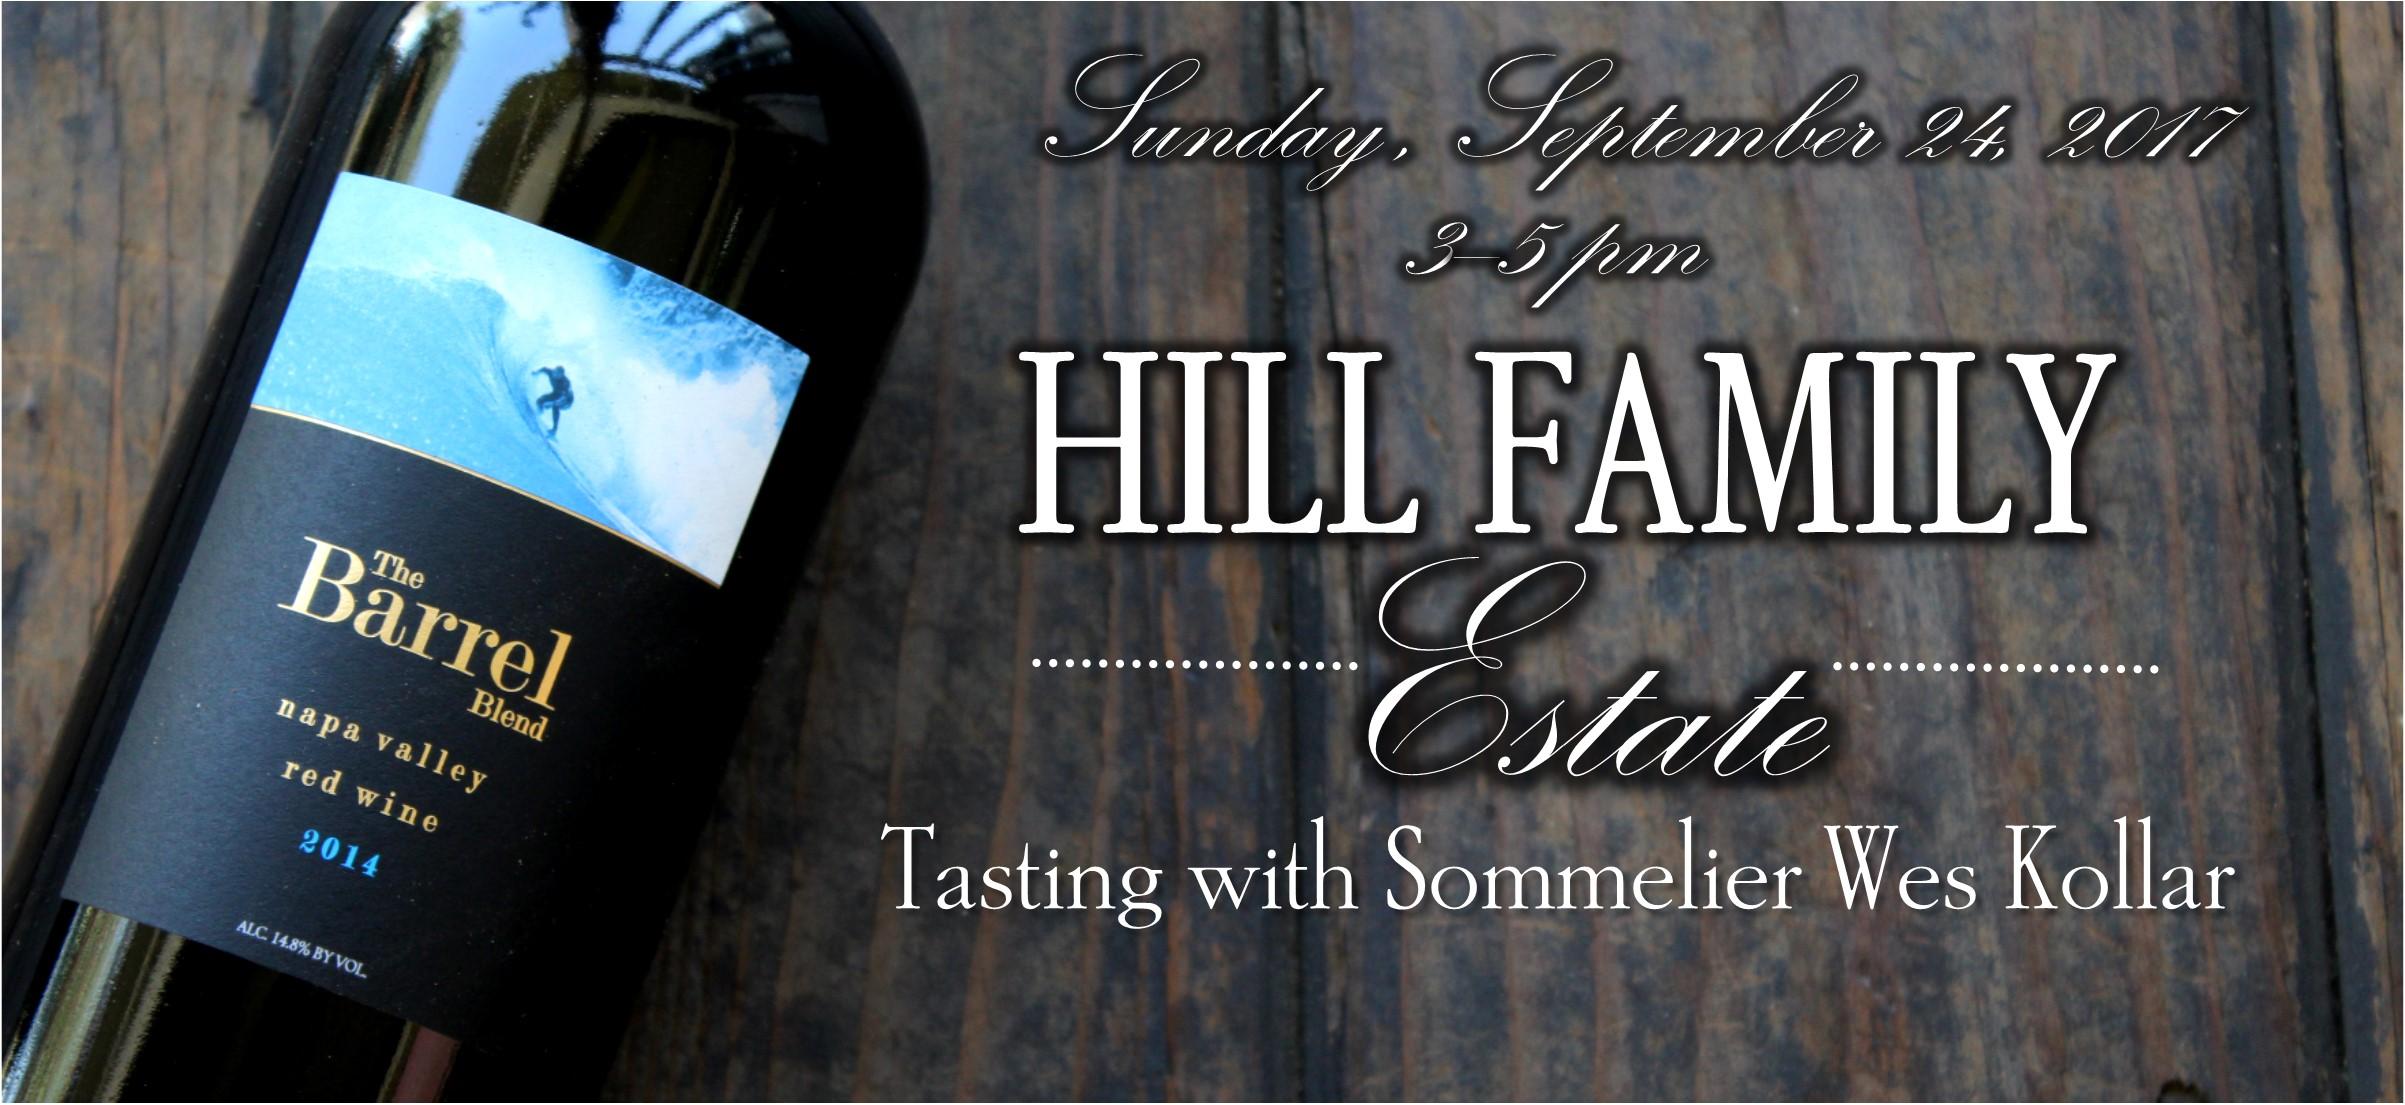 Hill Family Estate Tasting FB Cover.jpg